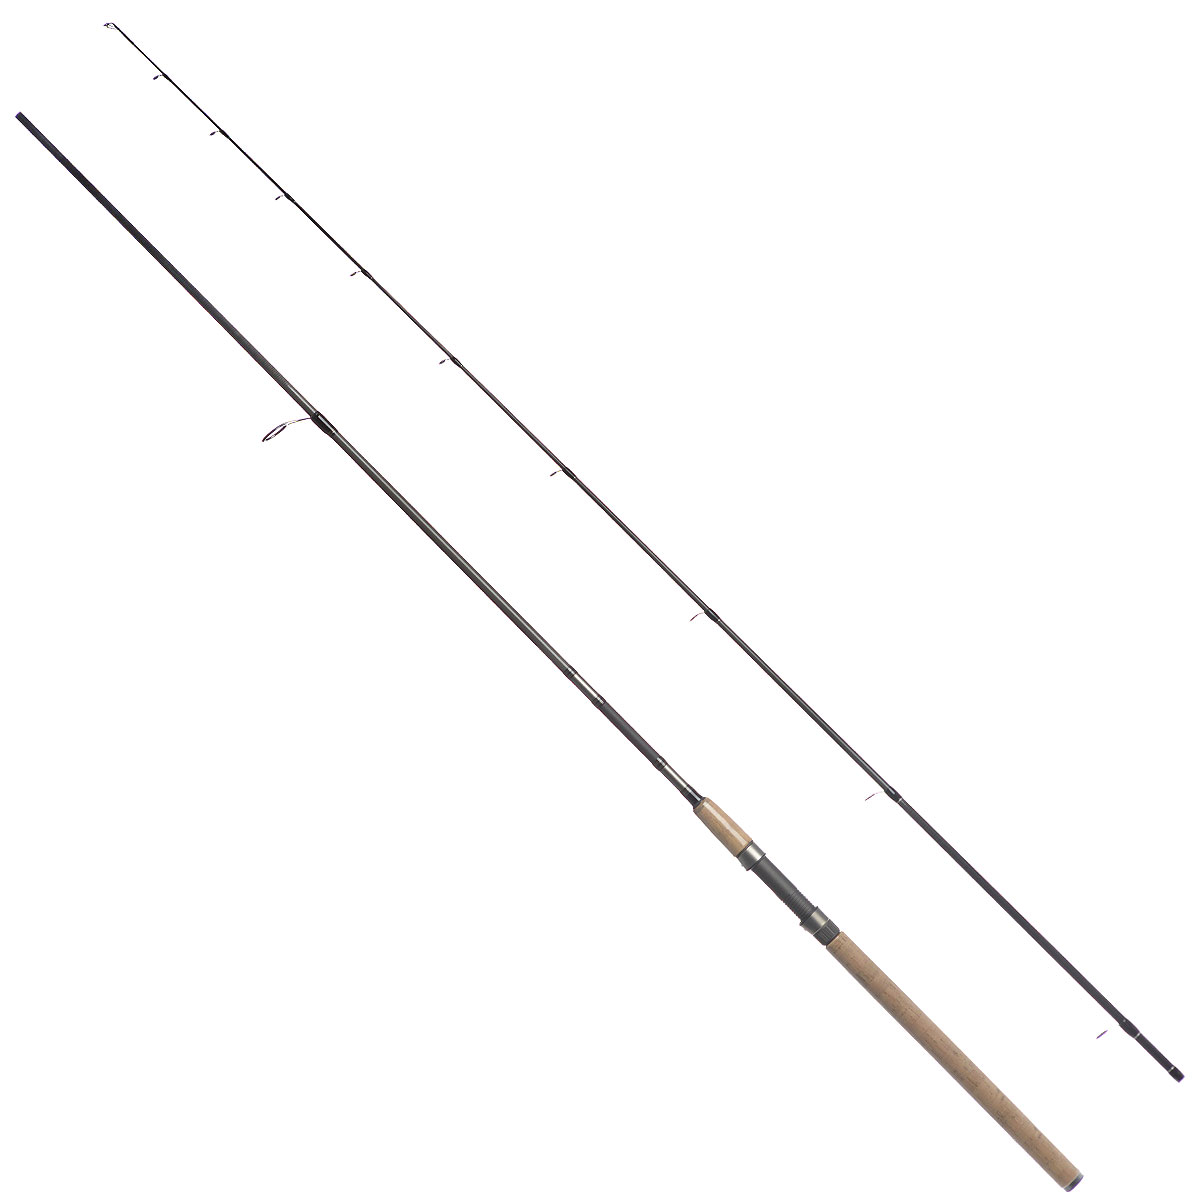 Спиннинг штекерный Daiwa Exceler-RU, 2,90 м, 5-15 г